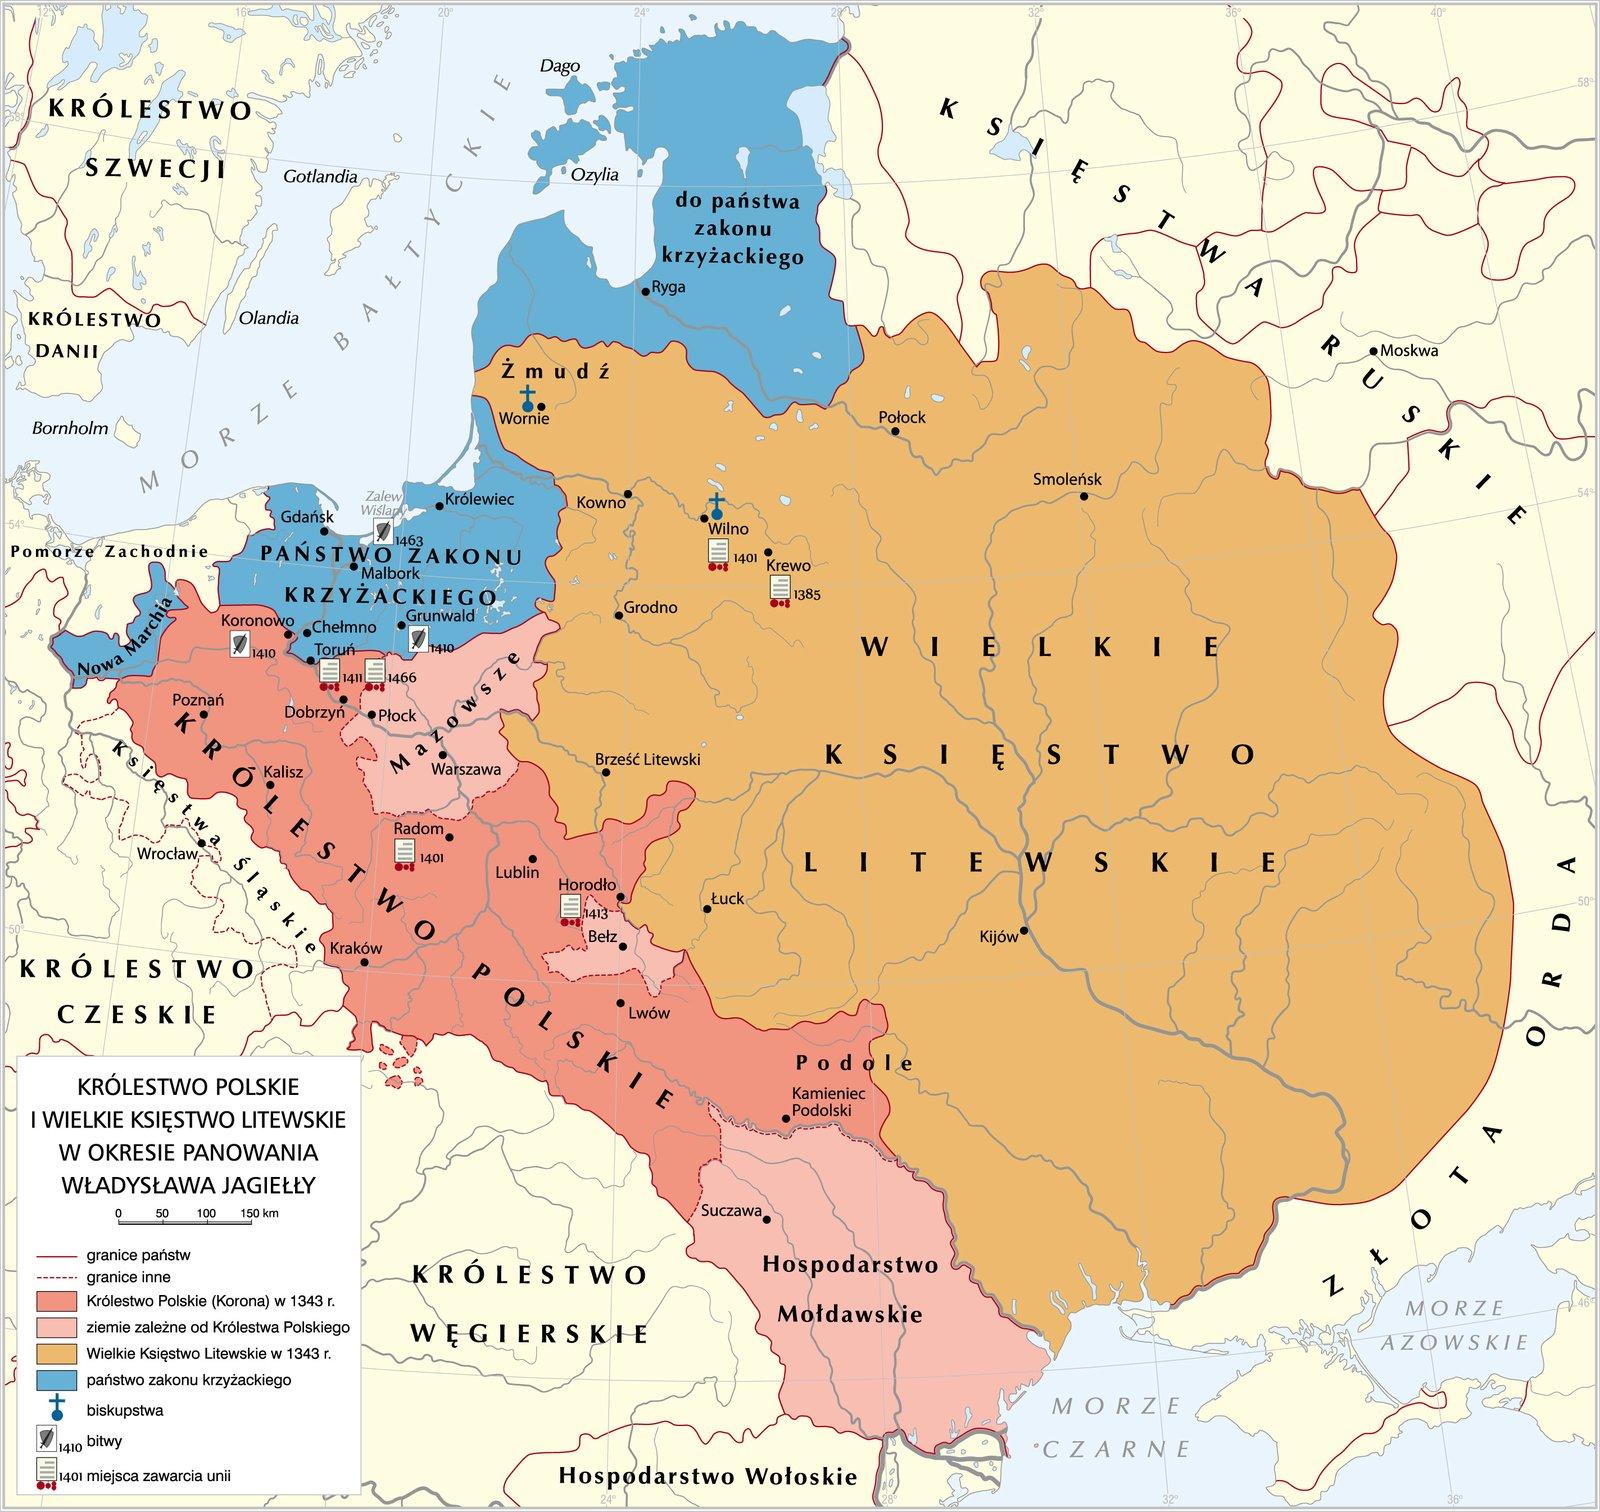 mapa przedstawia Królestwo Polskie iWielkie Księstwo Litewskie za czasów Władysława Jagiełły